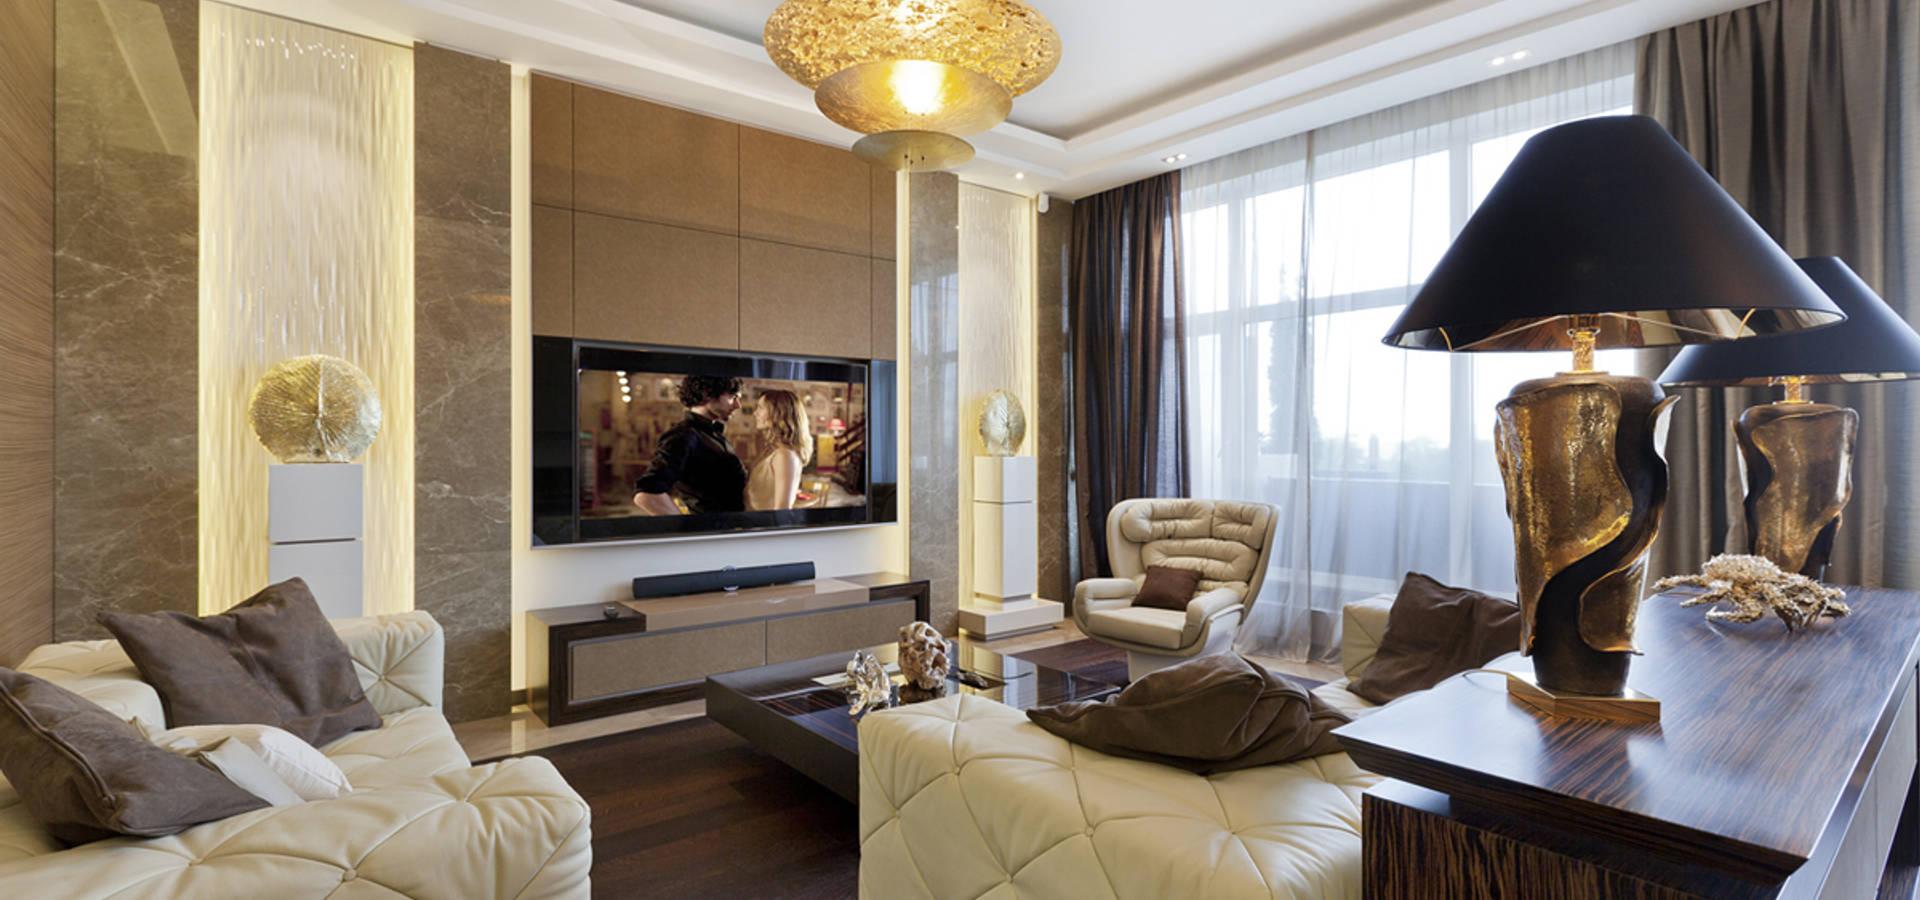 Ng studio interior design la provenza italiana design - La provenza italiana ...